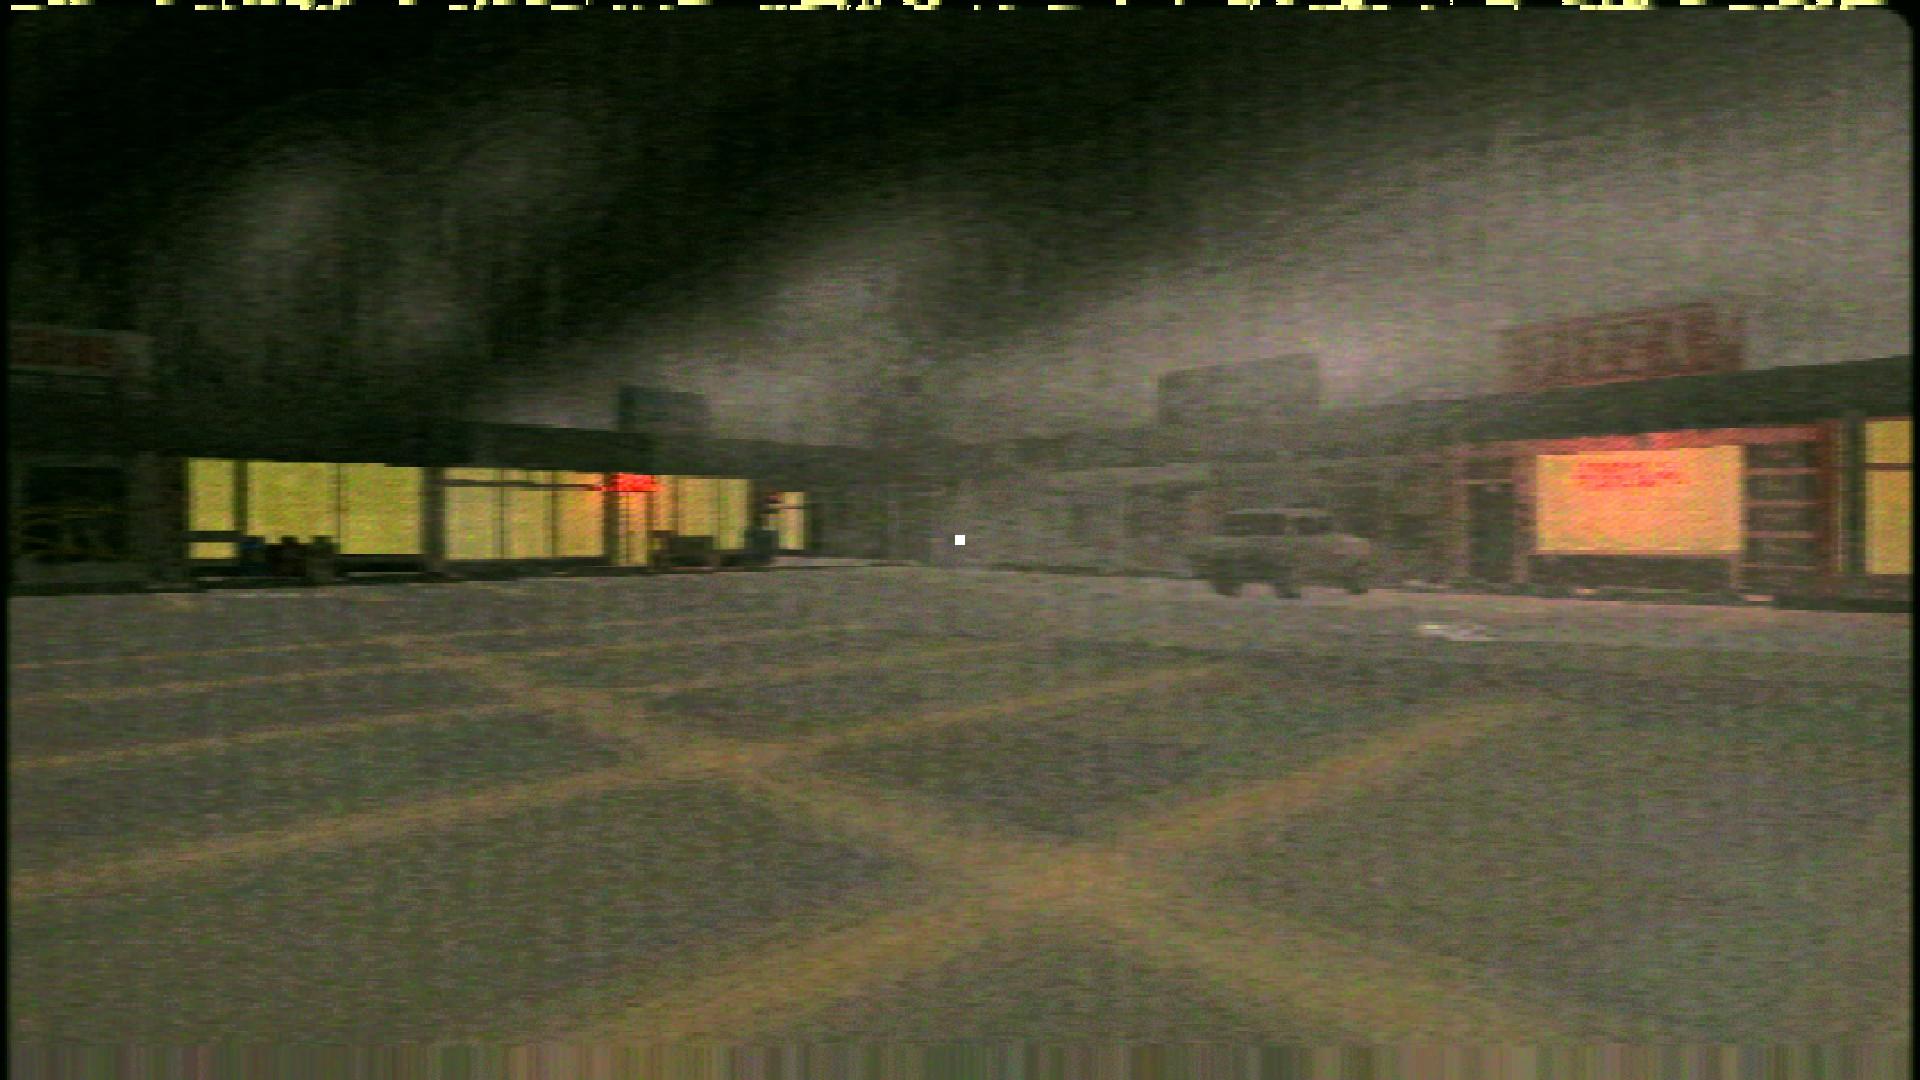 Un escenario low-poly. Desde el aparcamiento, se ven varias tiendas a unos metros de distancia. Solo unas pocas están encendidas y dan luz. Es de noche y hay niebla.